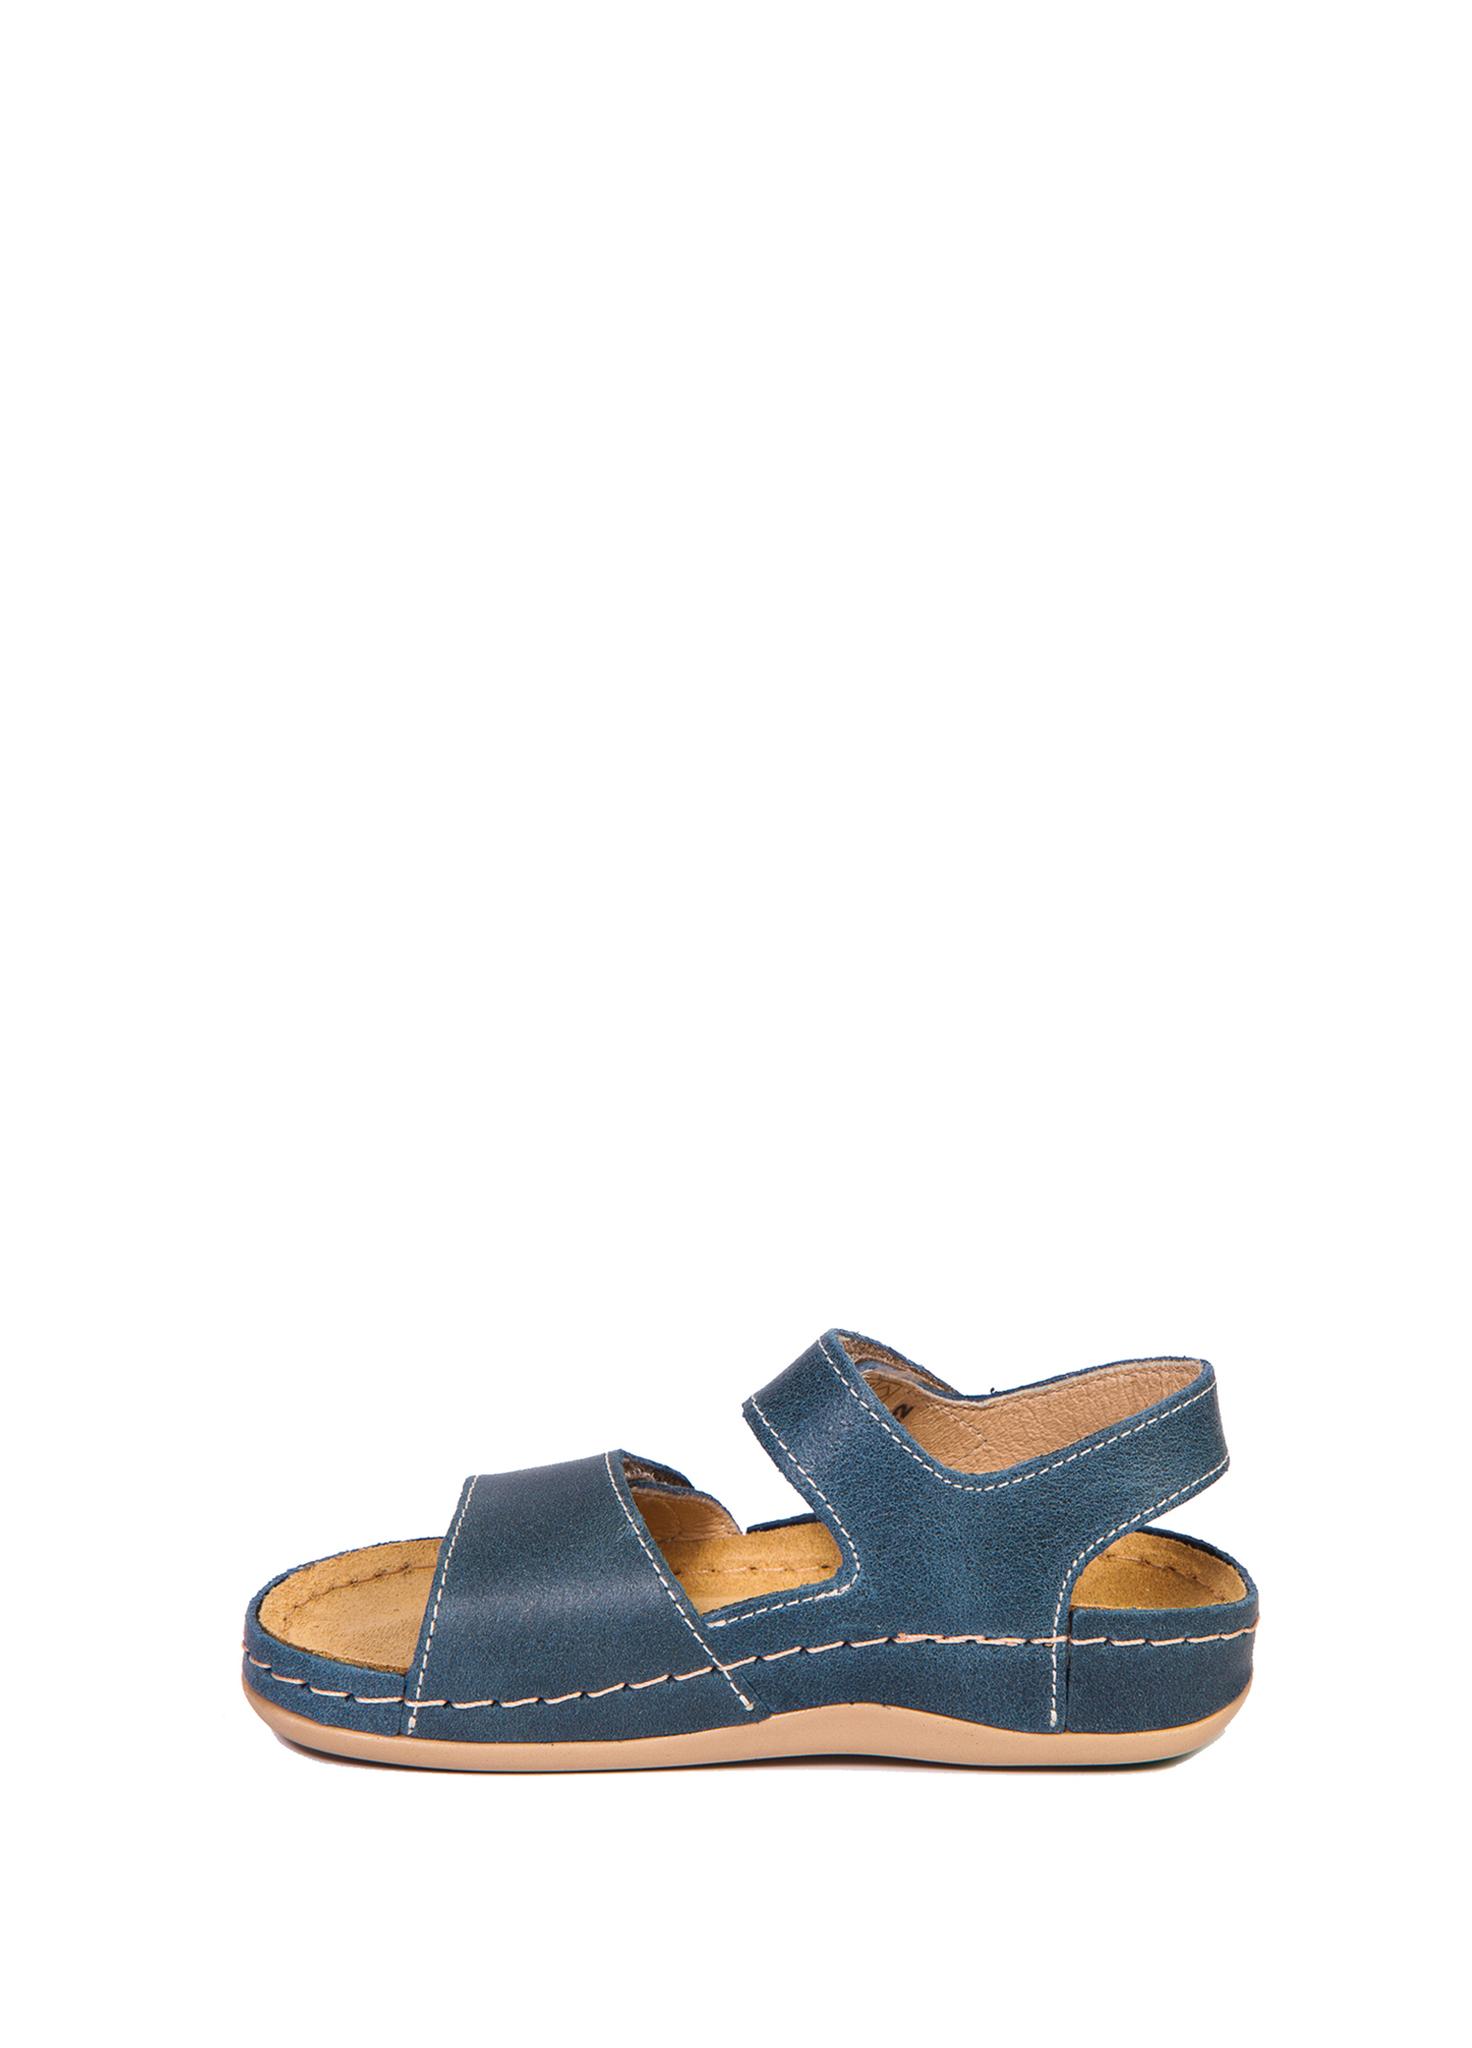 Купить сандалии для мальчиков